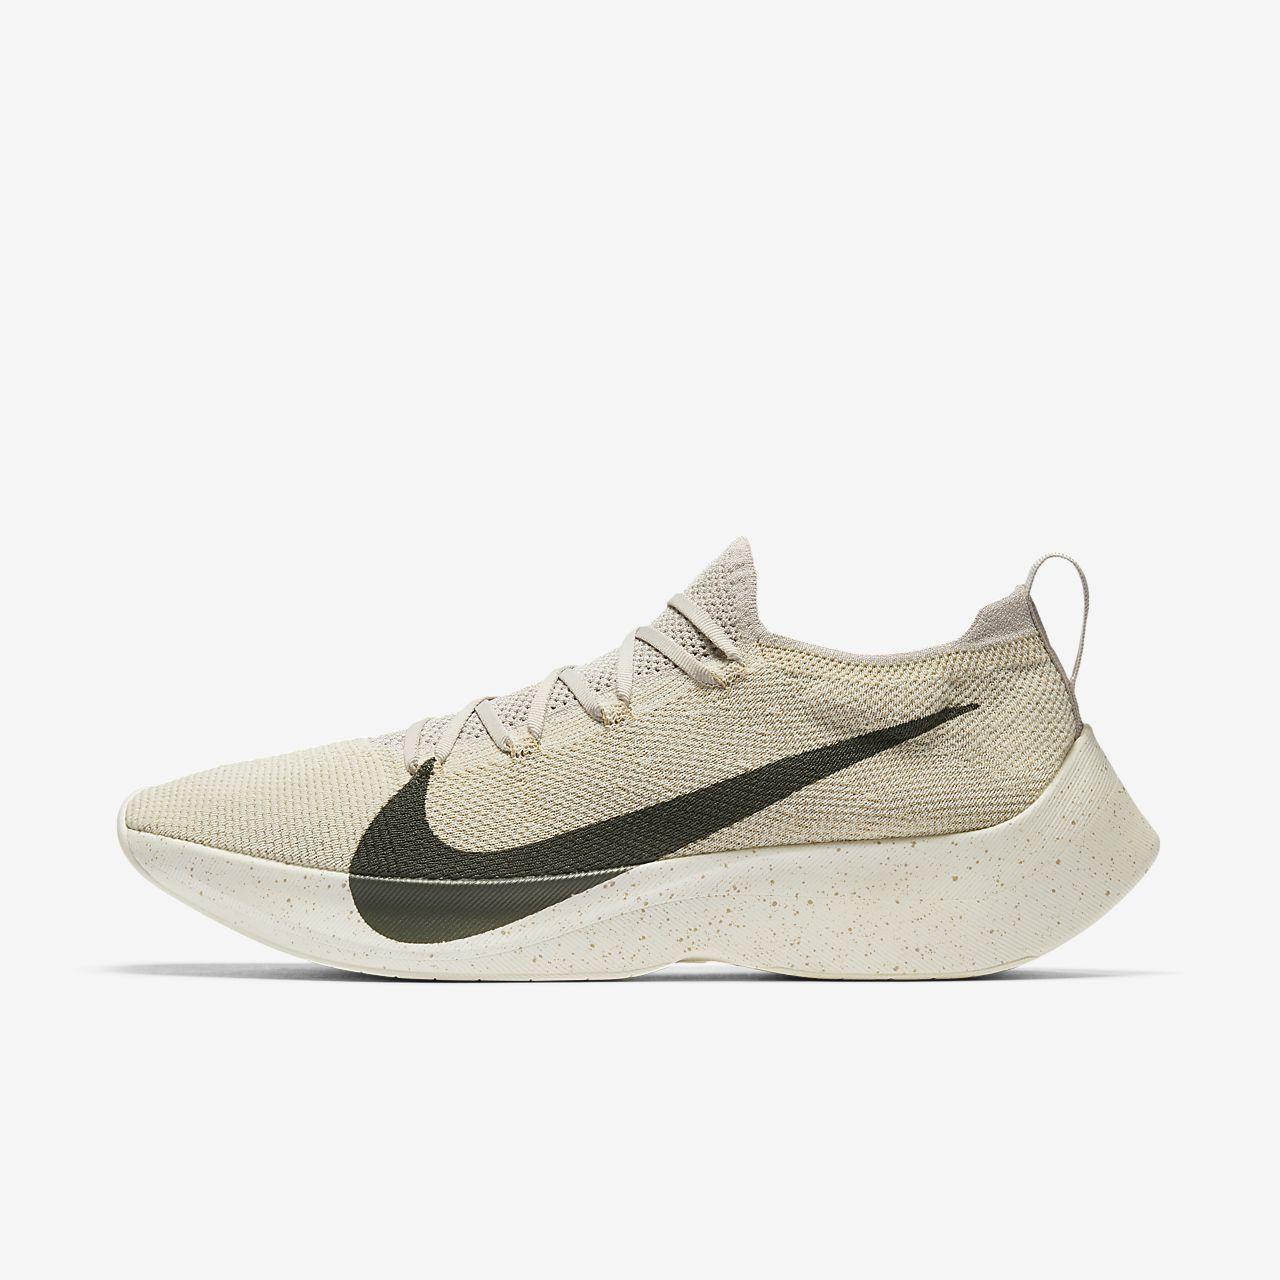 4c26ad43cbca0 Nike React Vapor Street Flyknit Men s Shoe. Nike.com NO